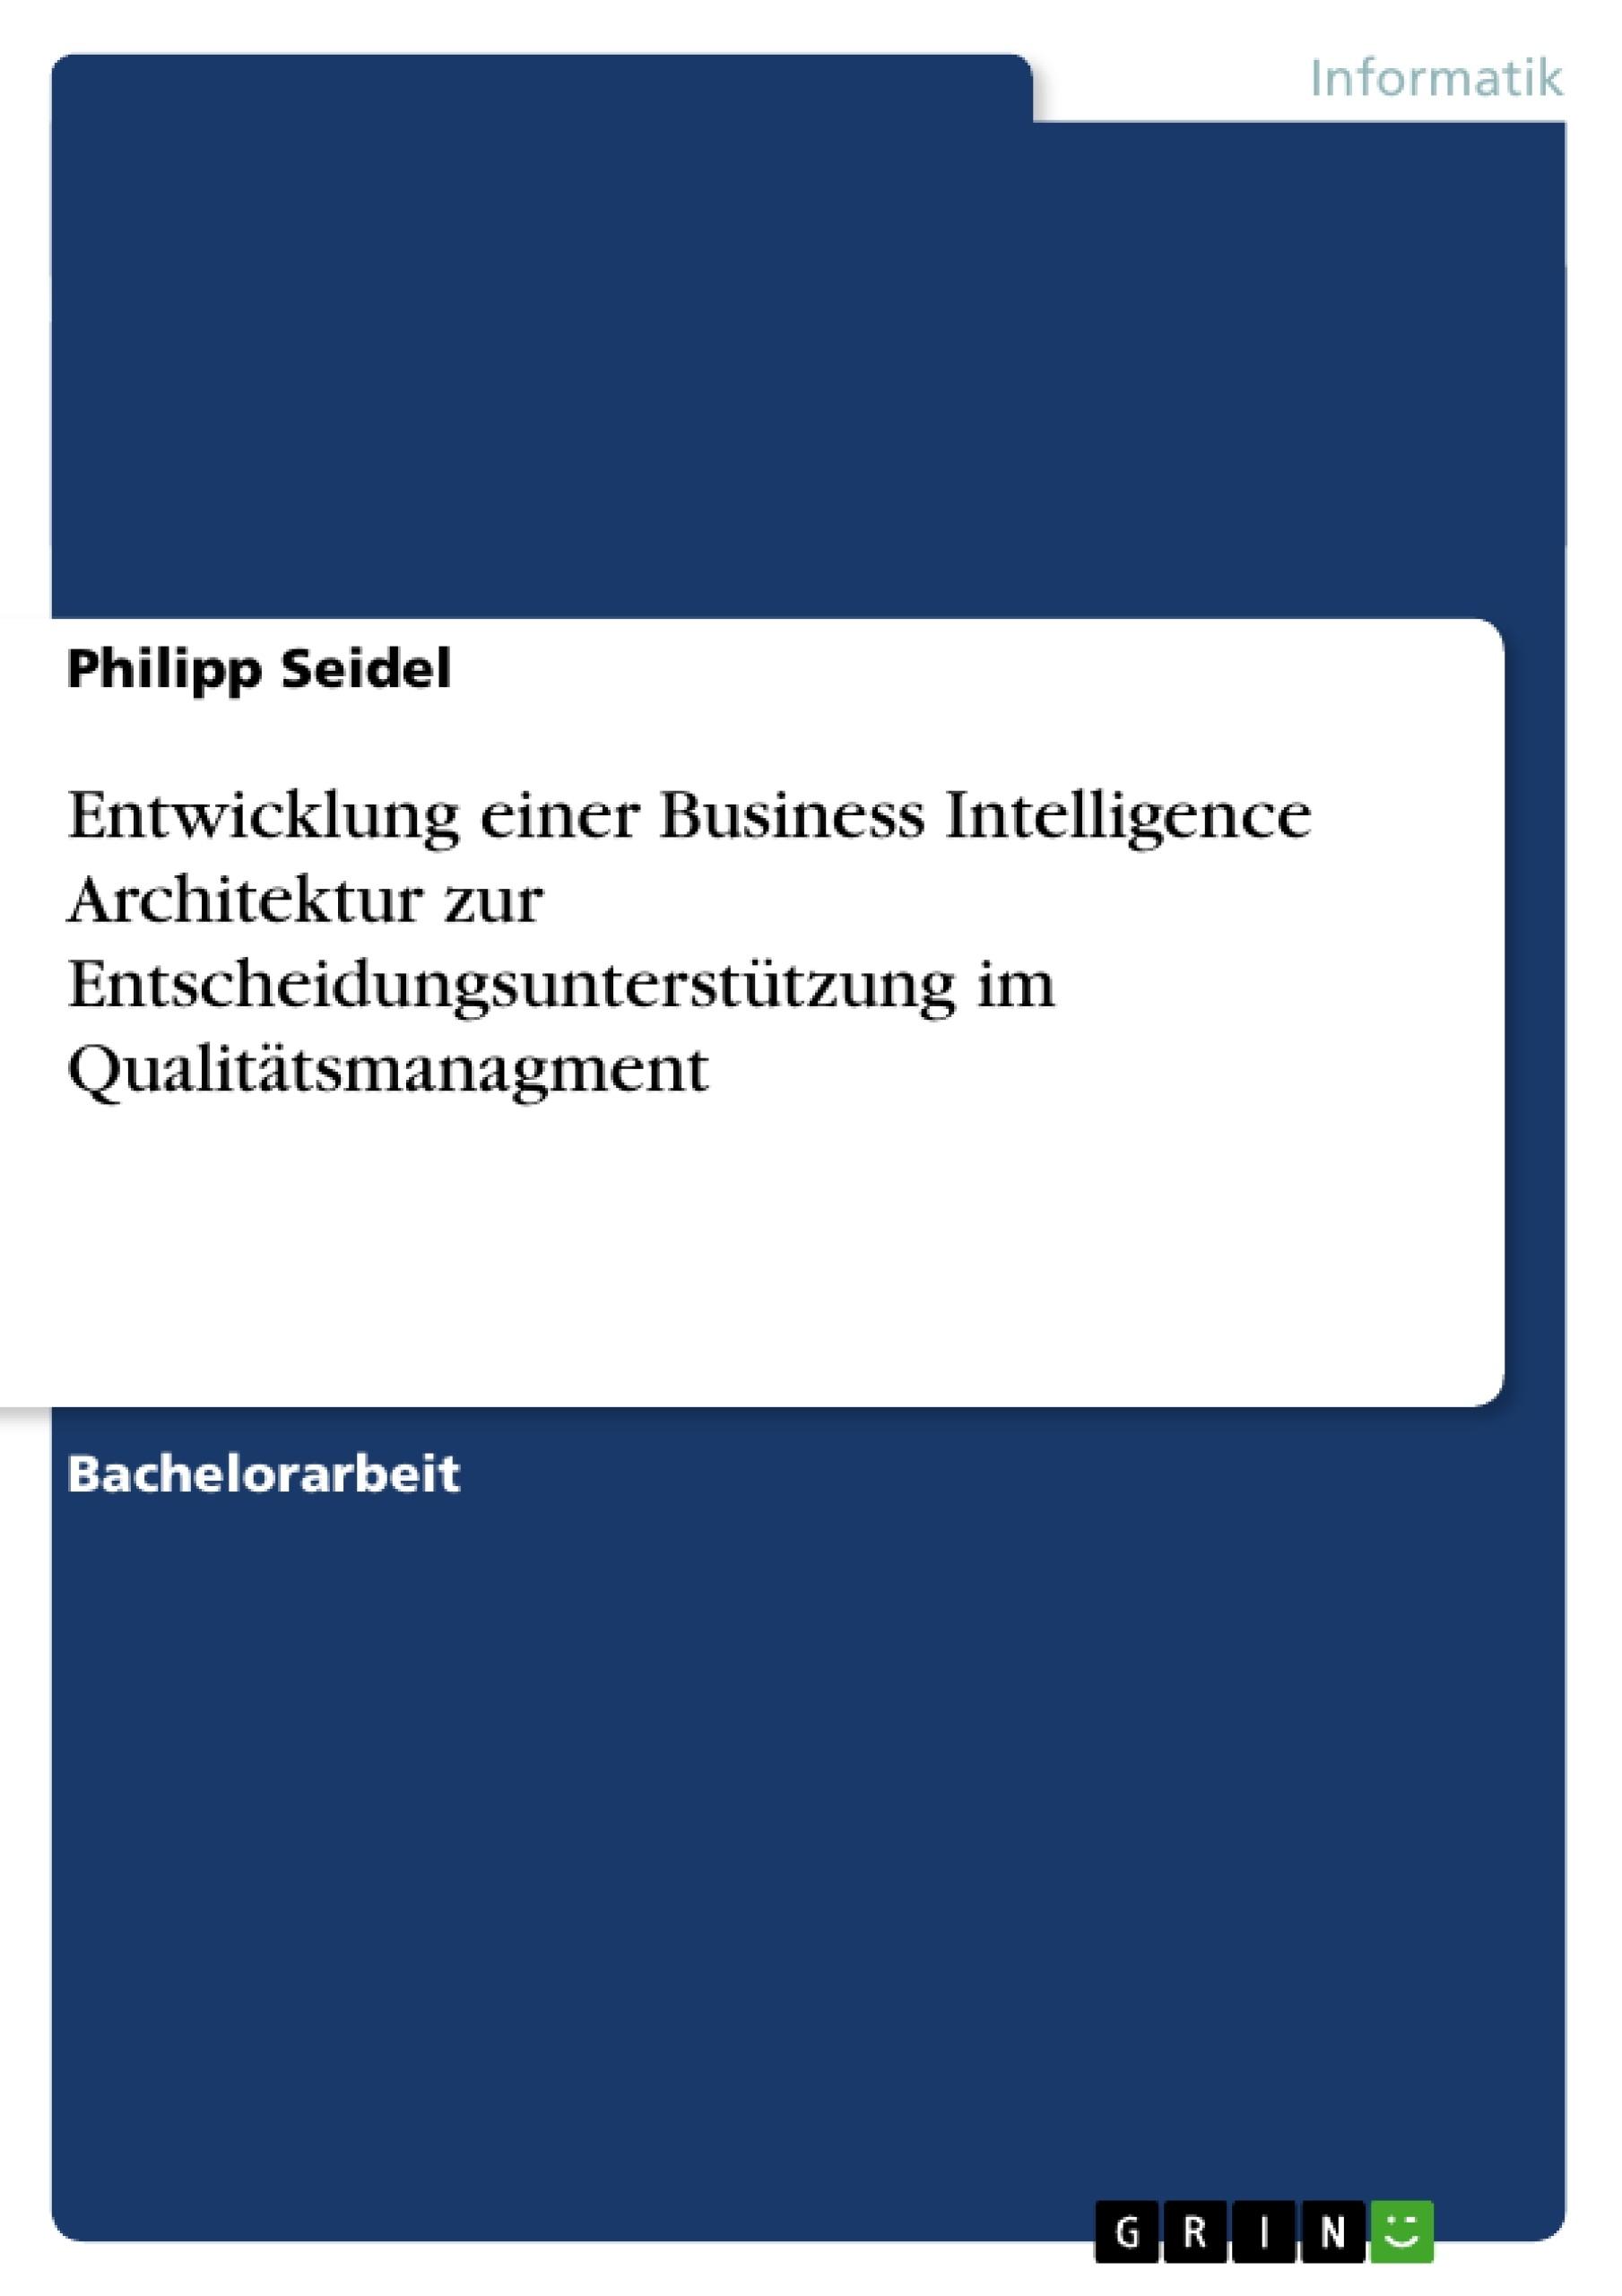 Titel: Entwicklung einer Business Intelligence Architektur zur Entscheidungsunterstützung im Qualitätsmanagment